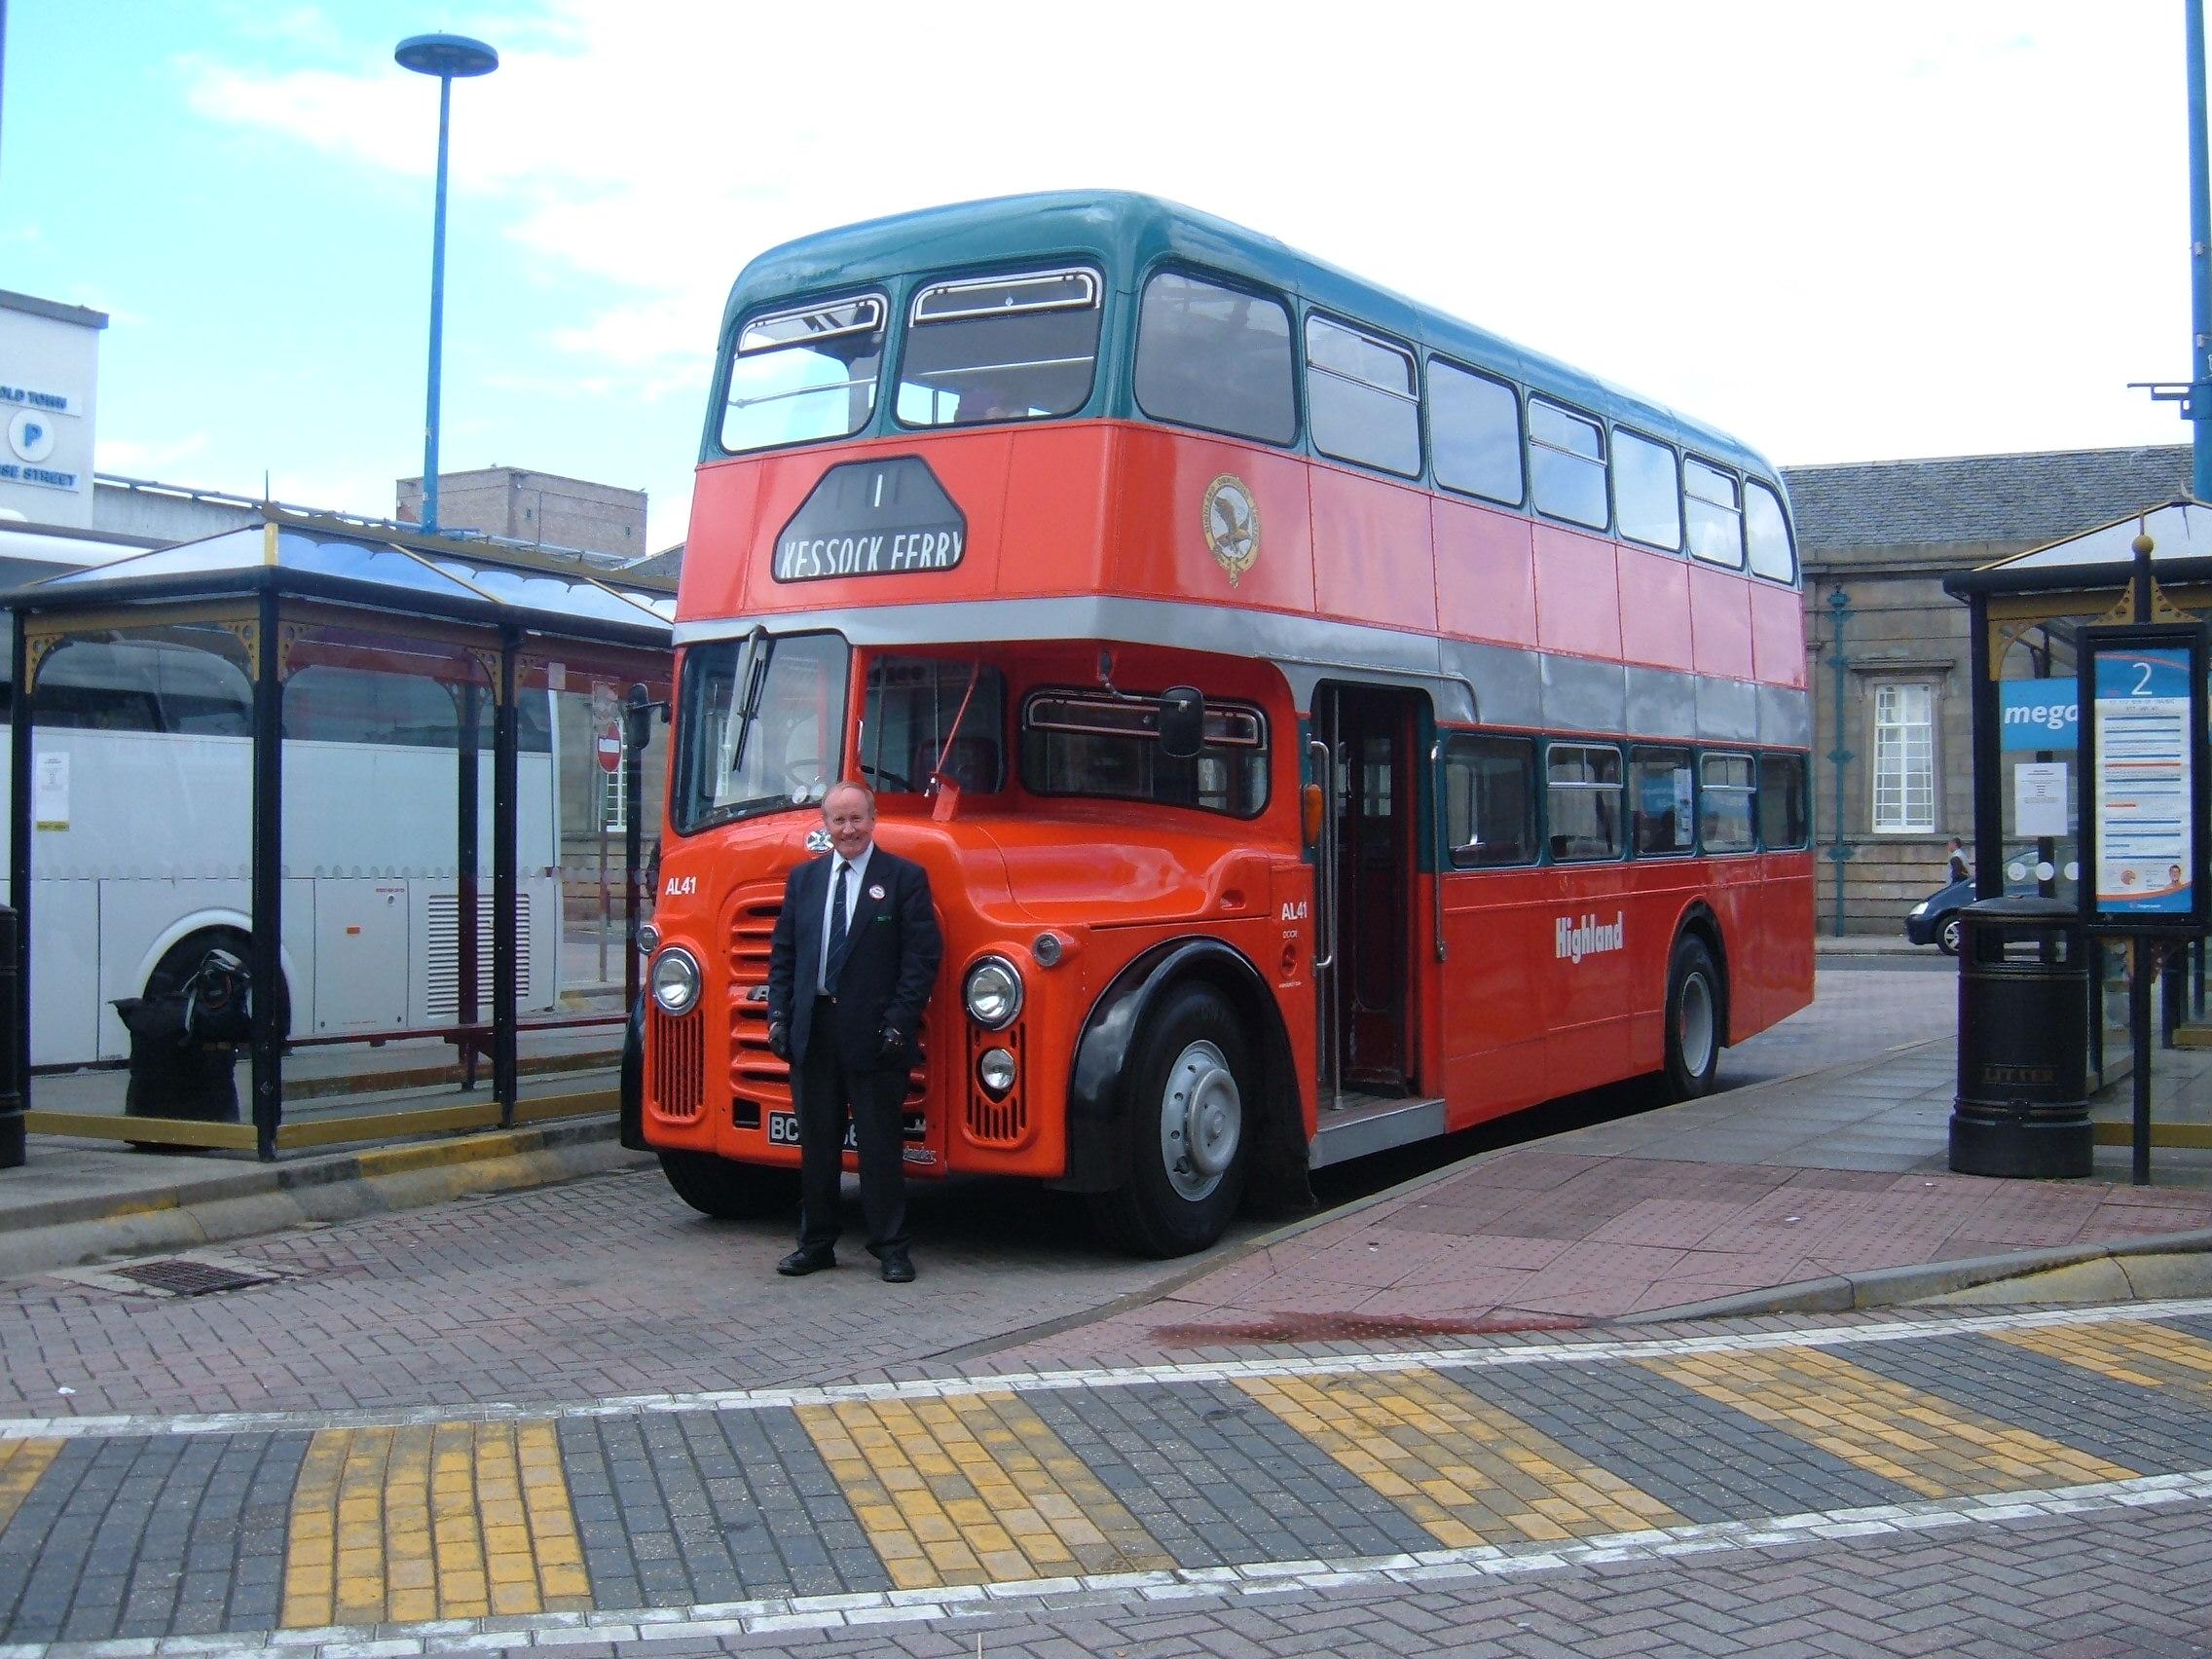 bus station edinburgh